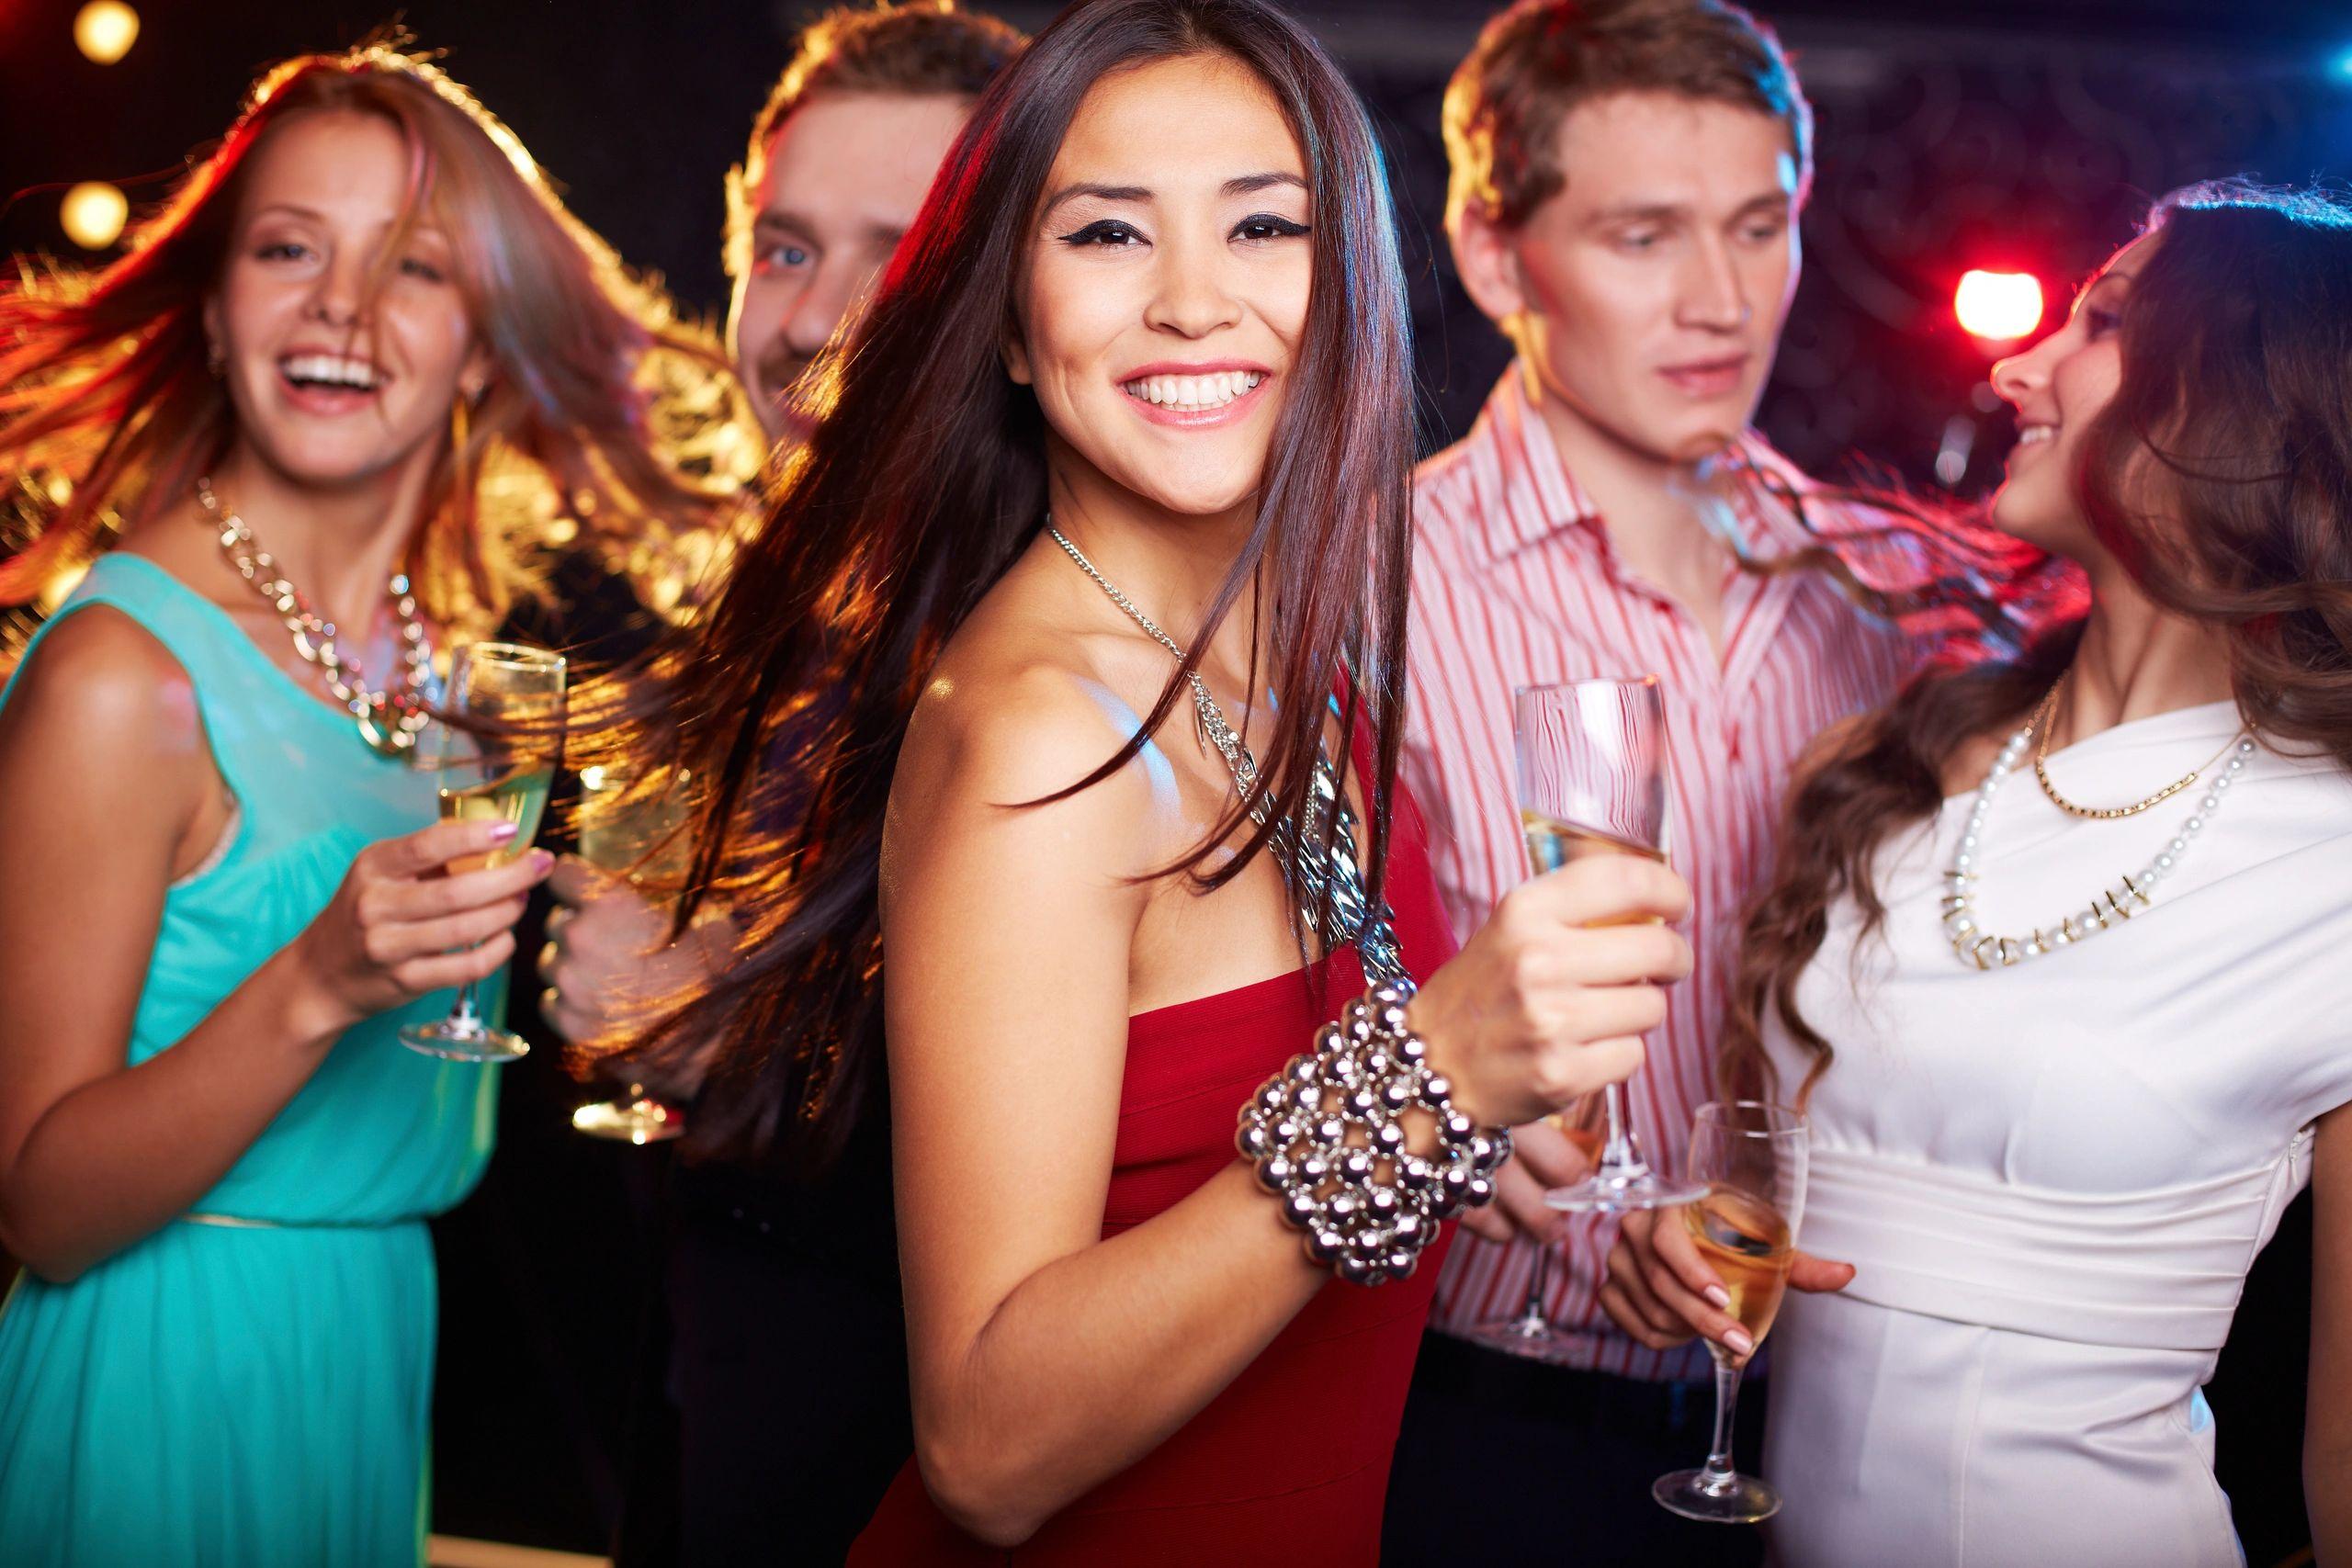 Свинг оргии фото, Свингеры фото обмен жёнами групповое порно 4 фотография